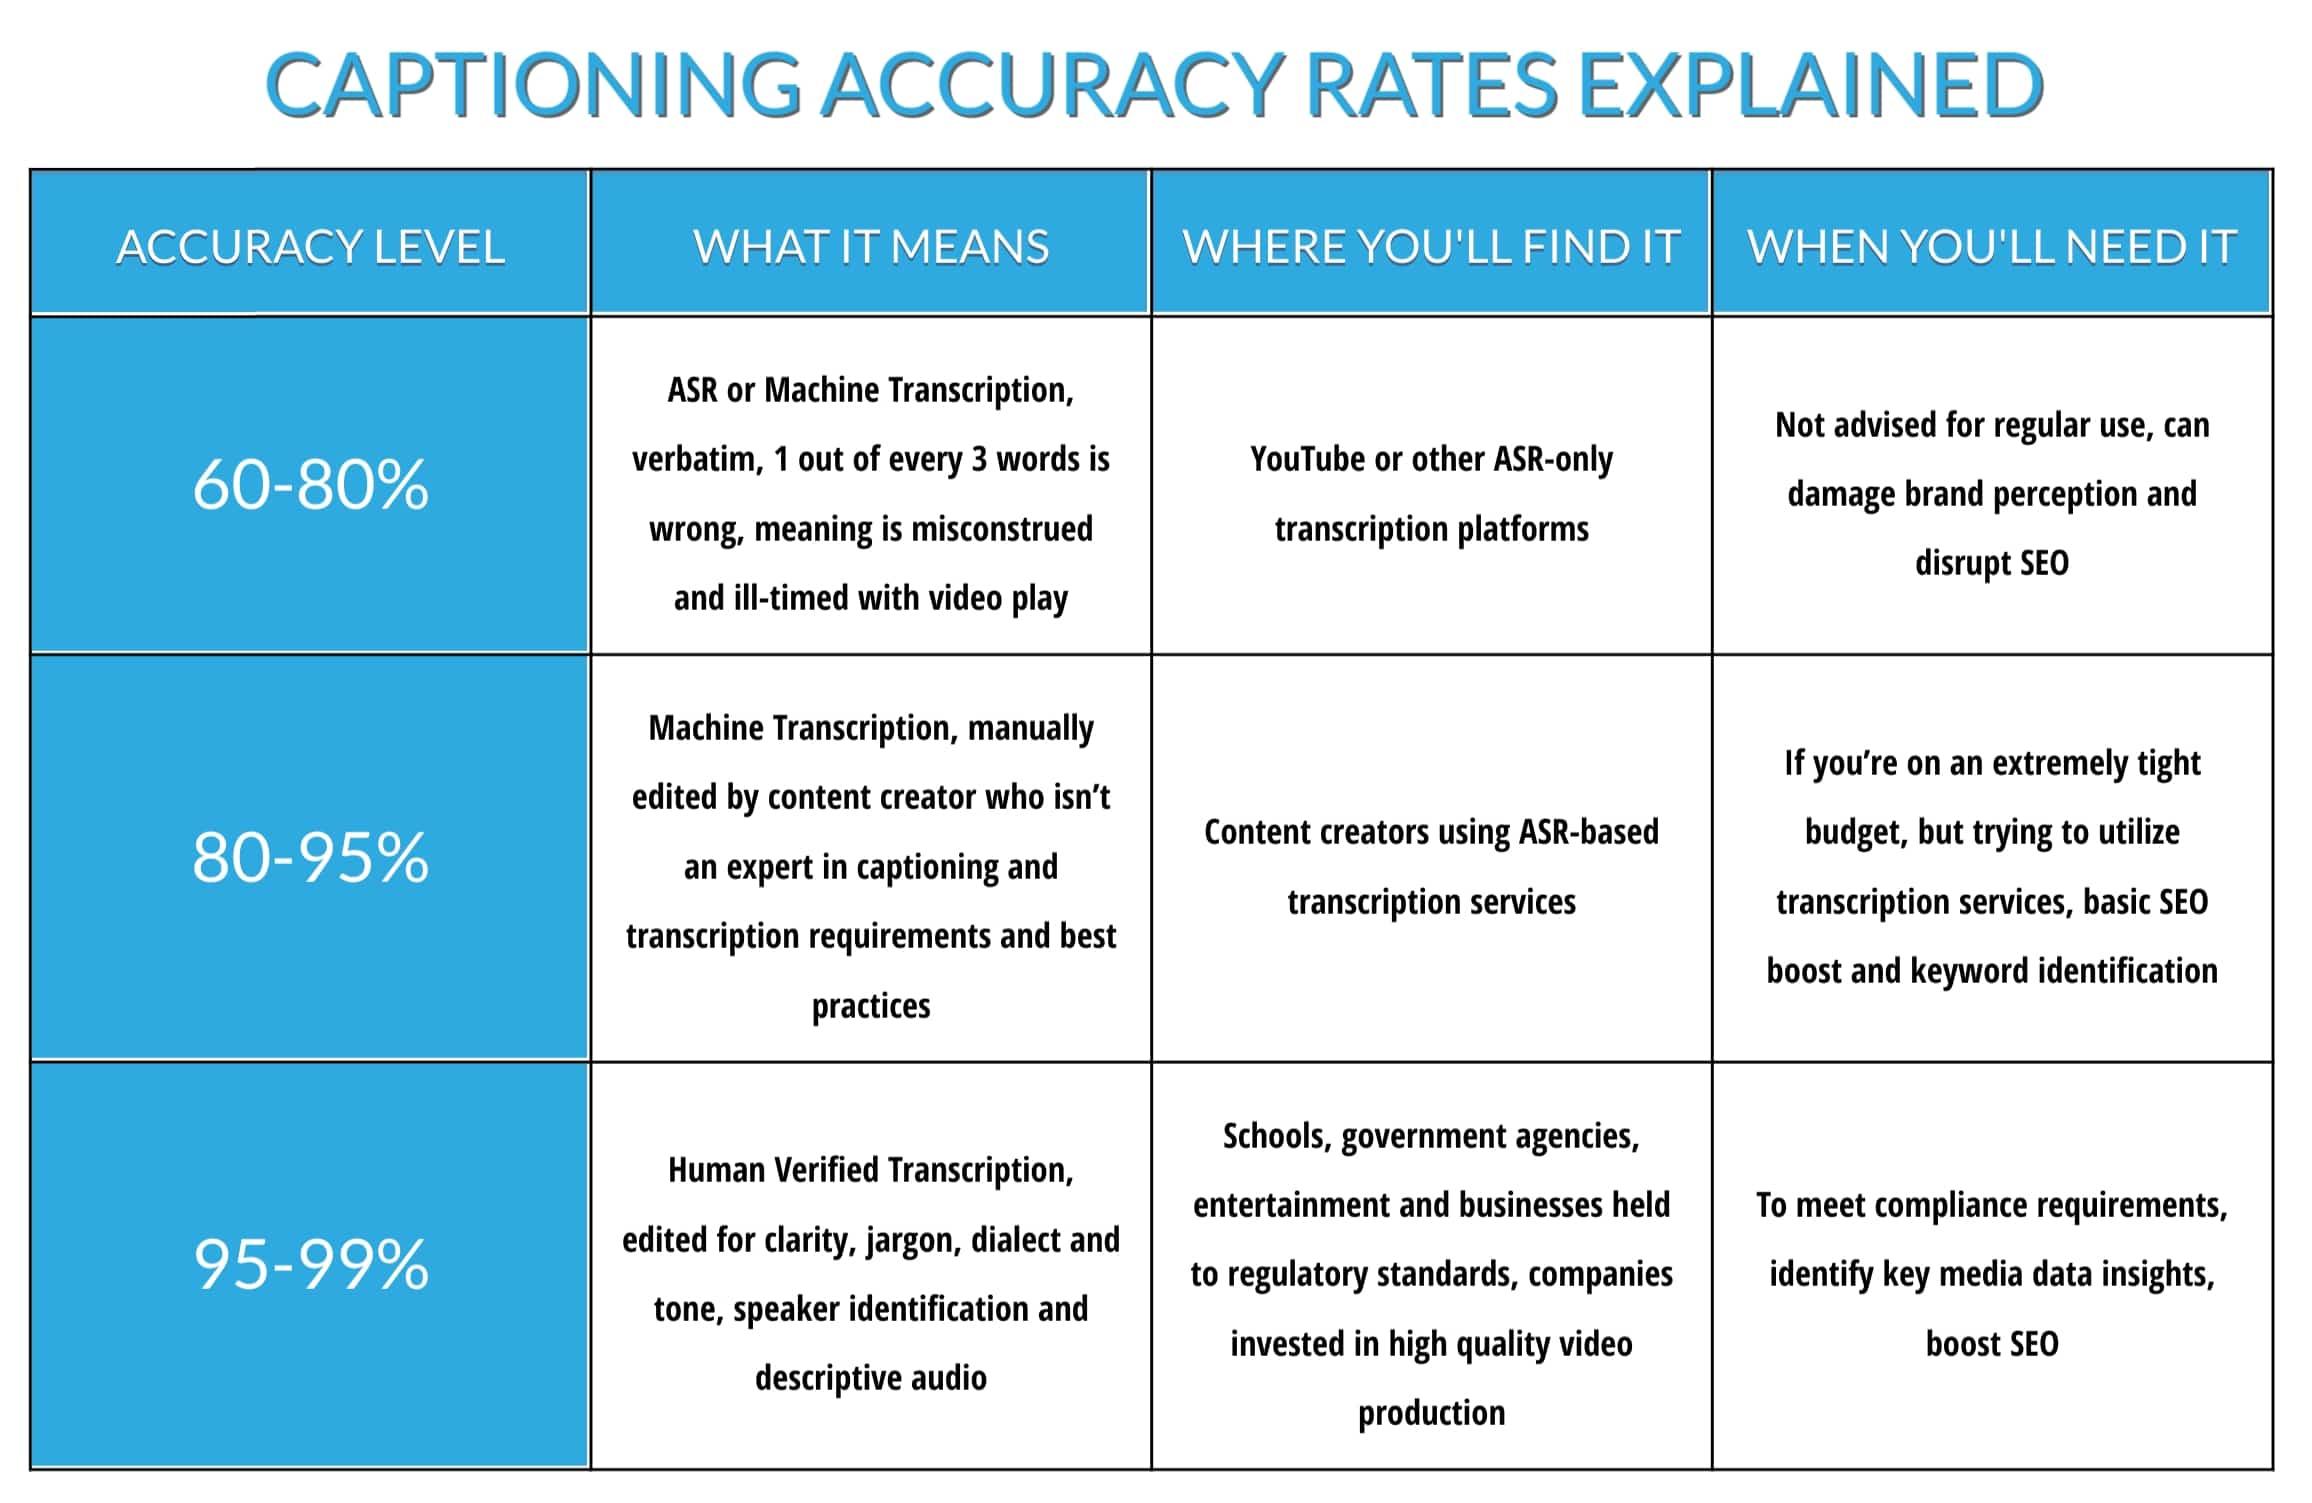 Captioning Accuracy Levels Explained